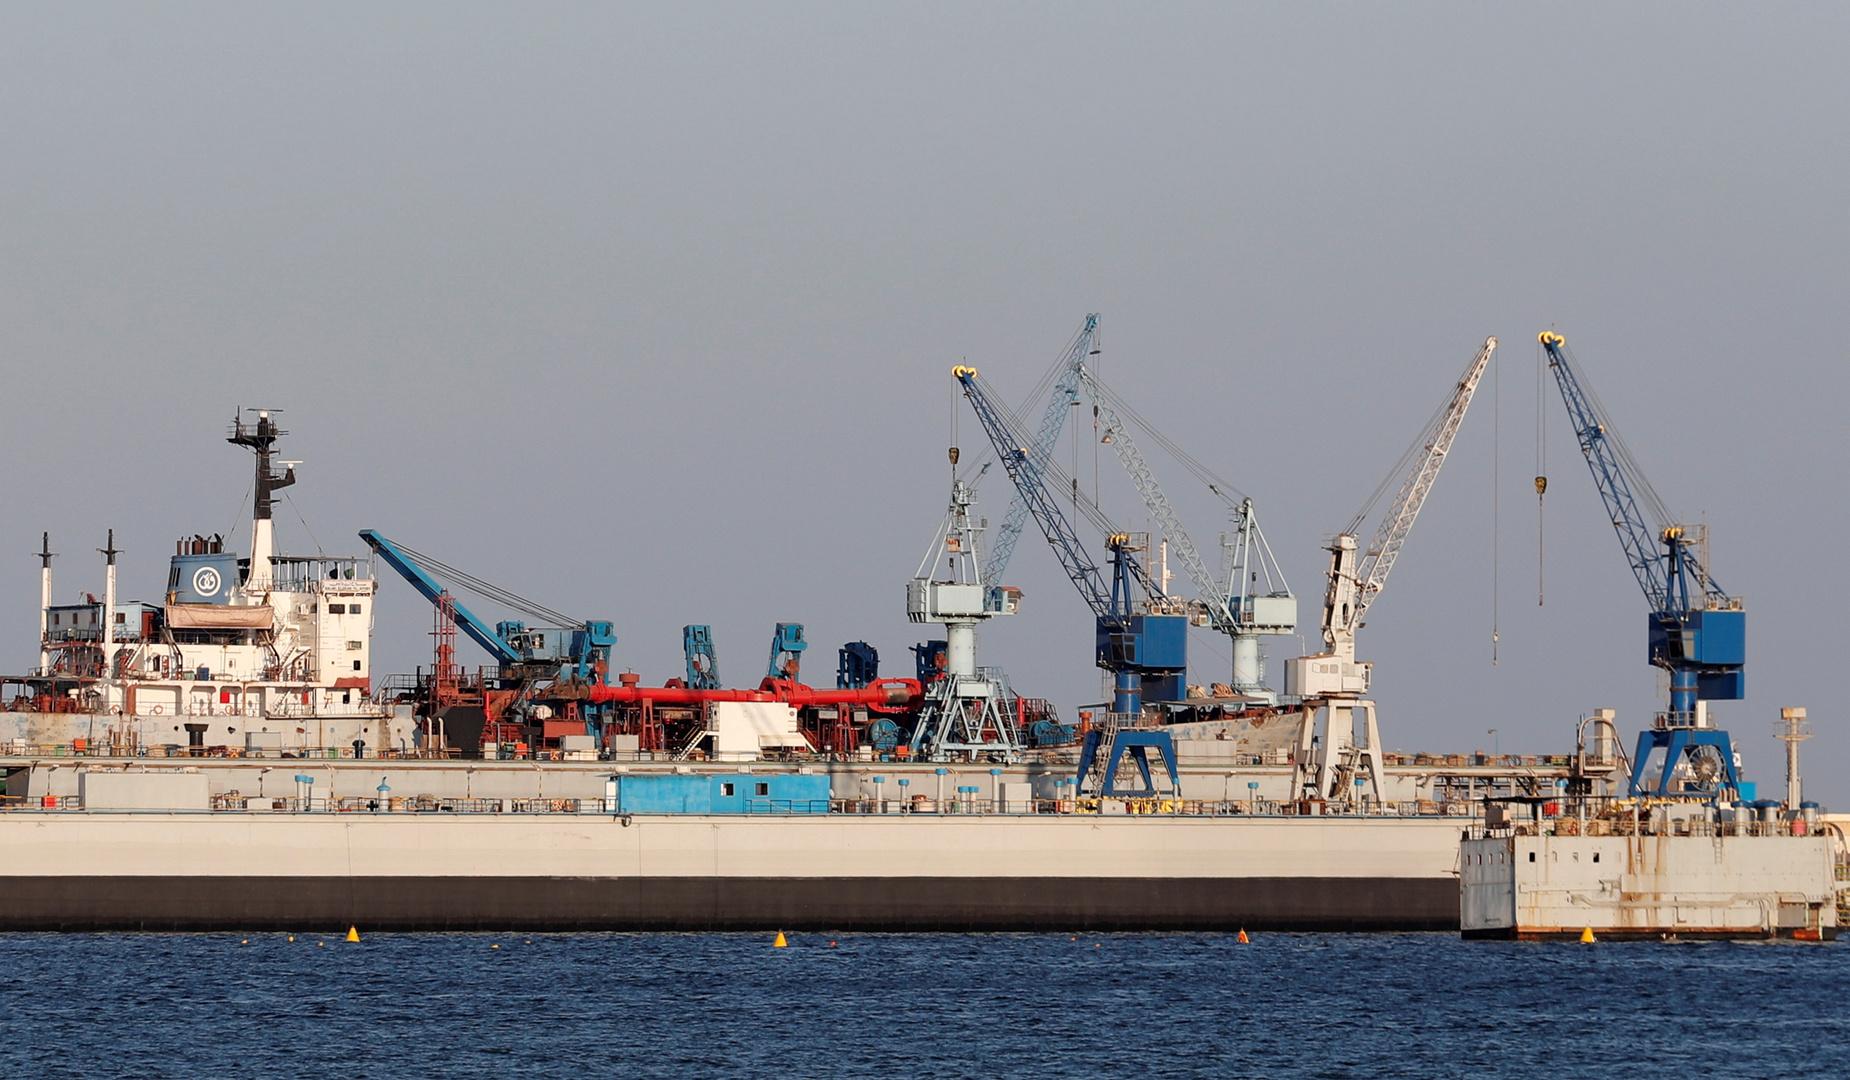 المنطقة الاقتصادية في قناة السويس: المنطقة الصناعية الروسية متكاملة